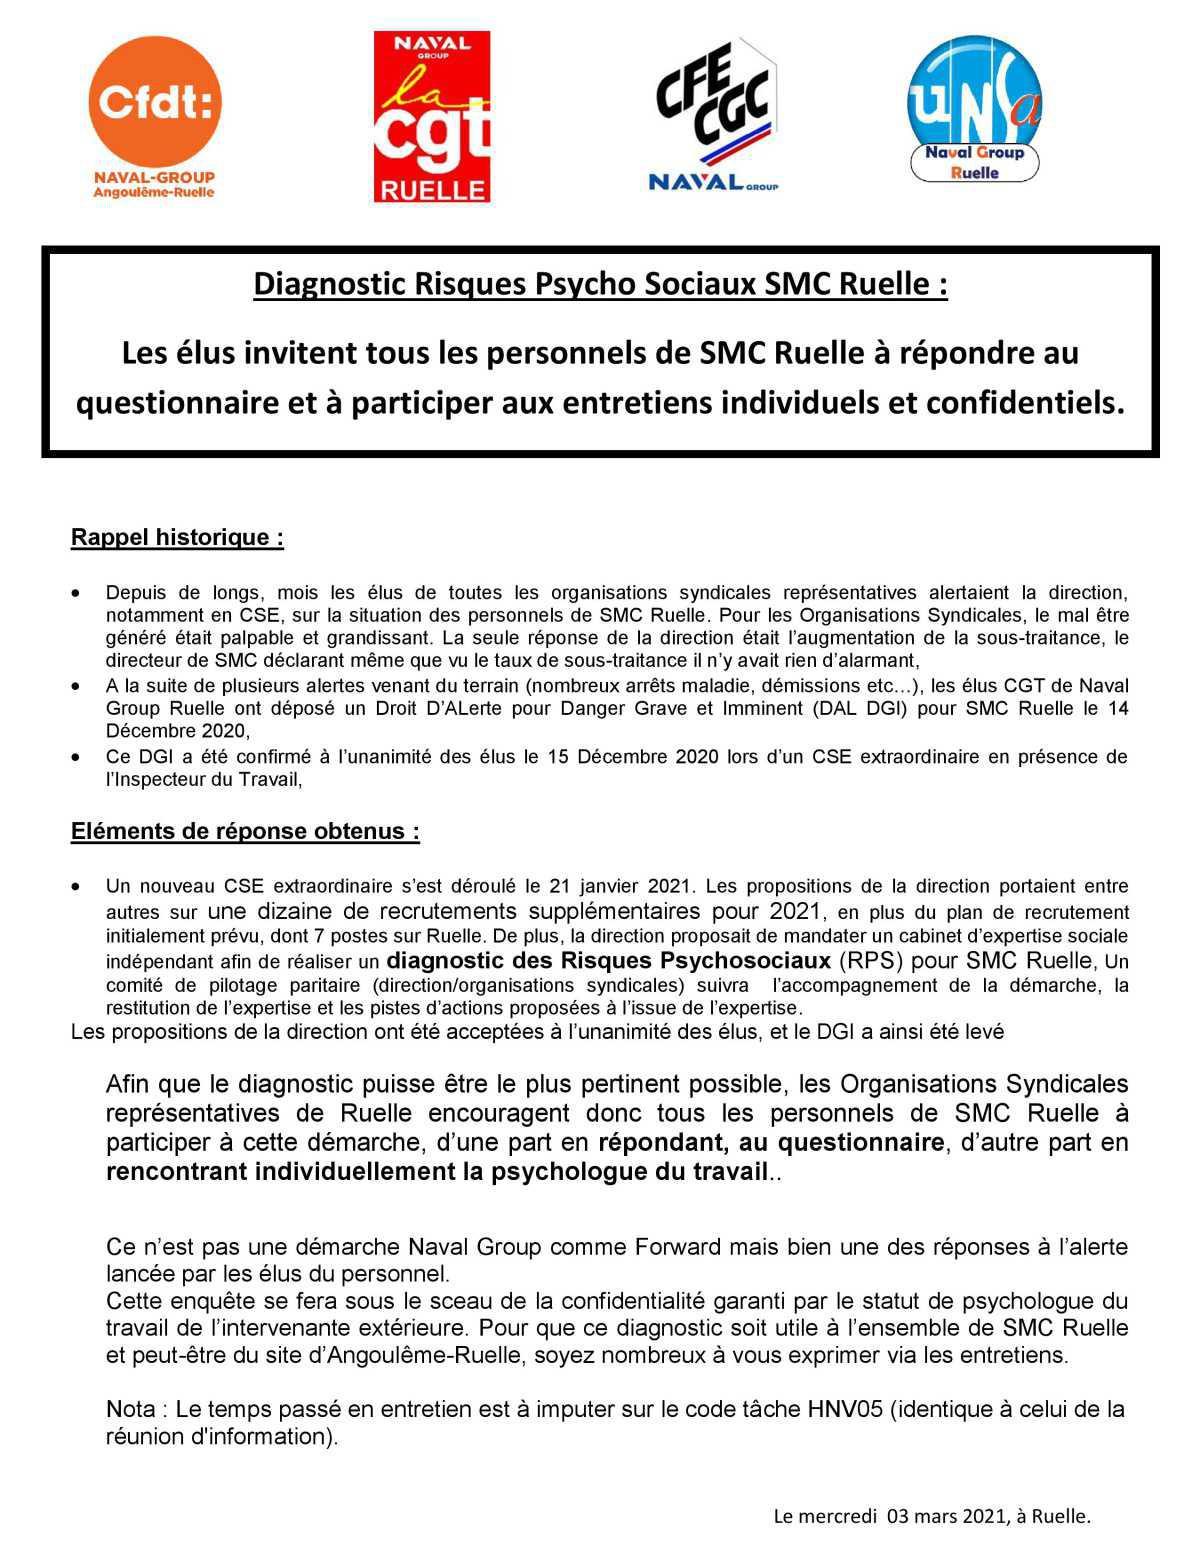 Diagnostic Risques Psycho Sociaux - SMC Ruelle